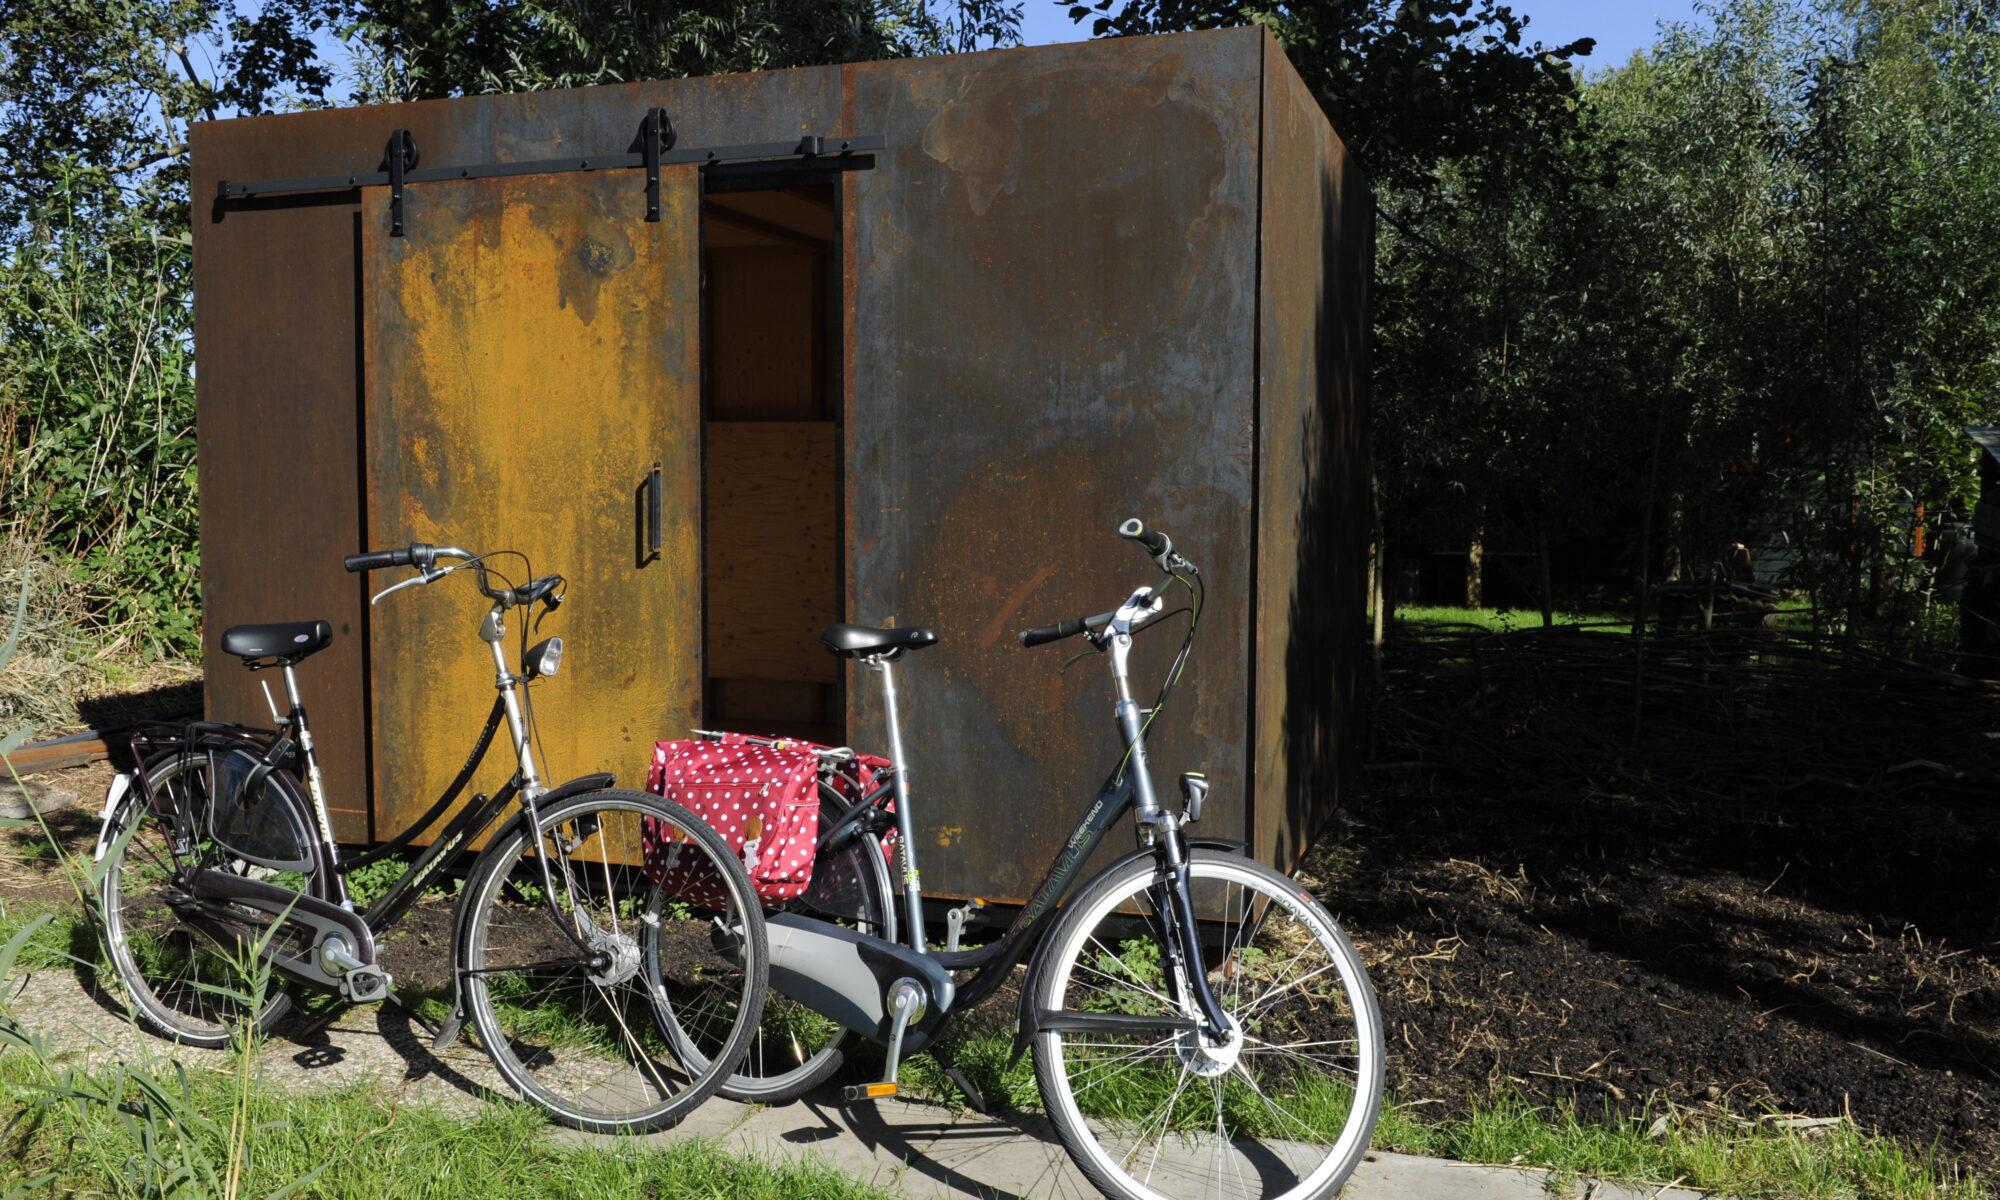 voor gasten van het vakantiehuis staan twee fietsen klaar om de omgeving te verkennen